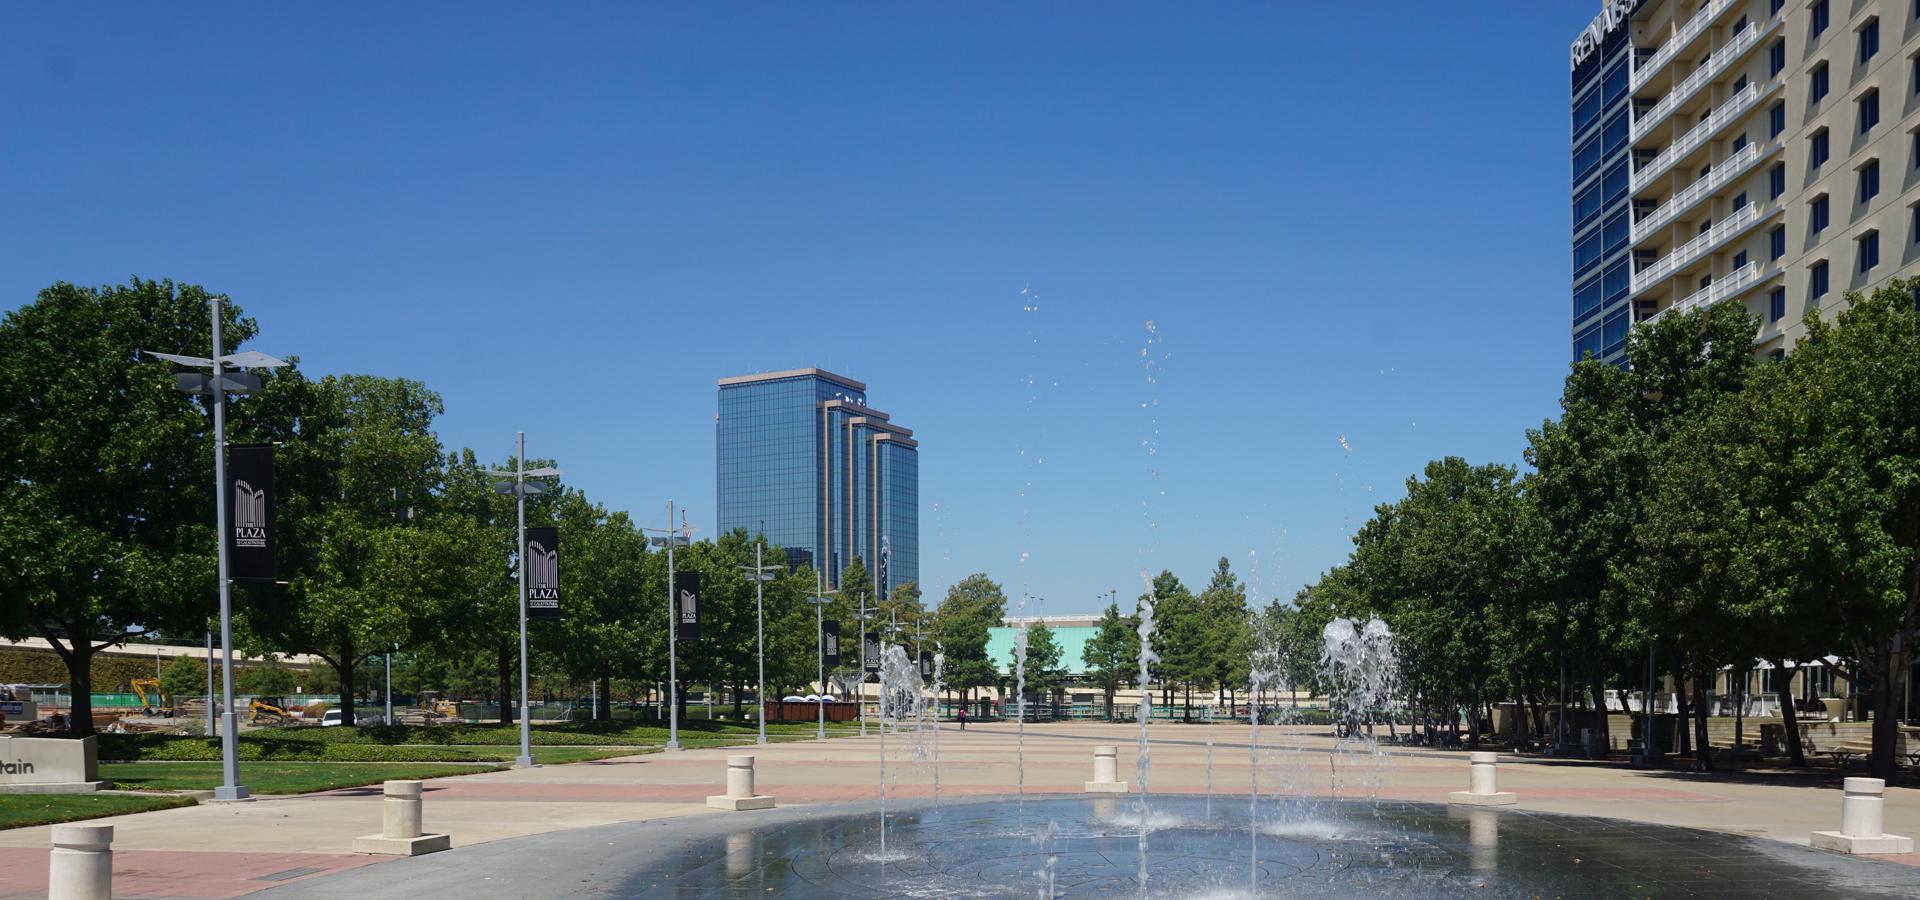 <b>Richardson, Texas, USA</b>